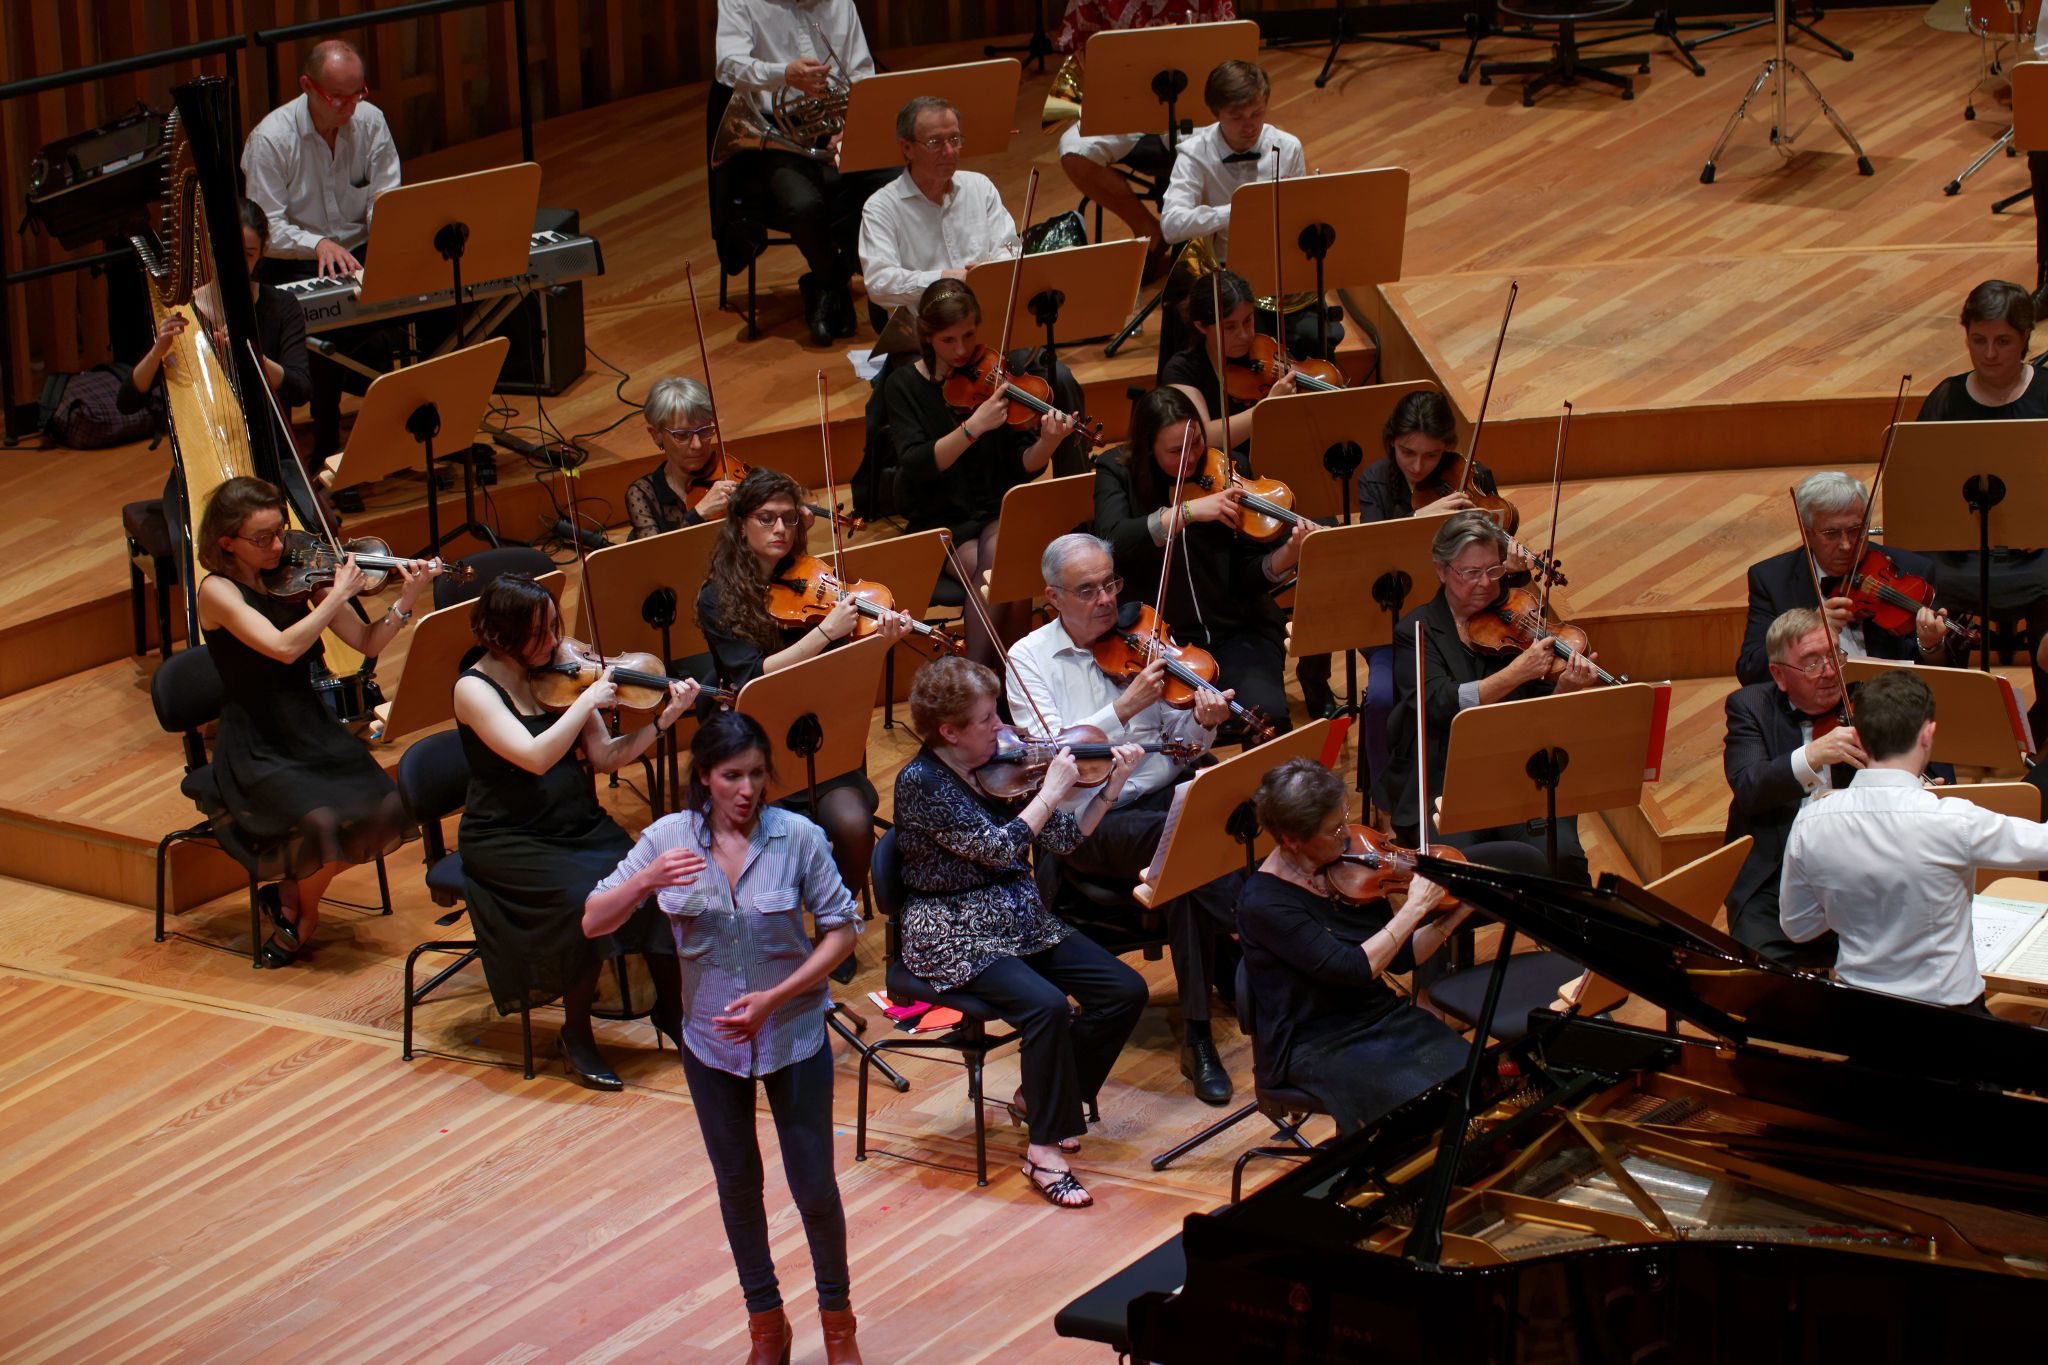 Récital d'Opéra, Répétition